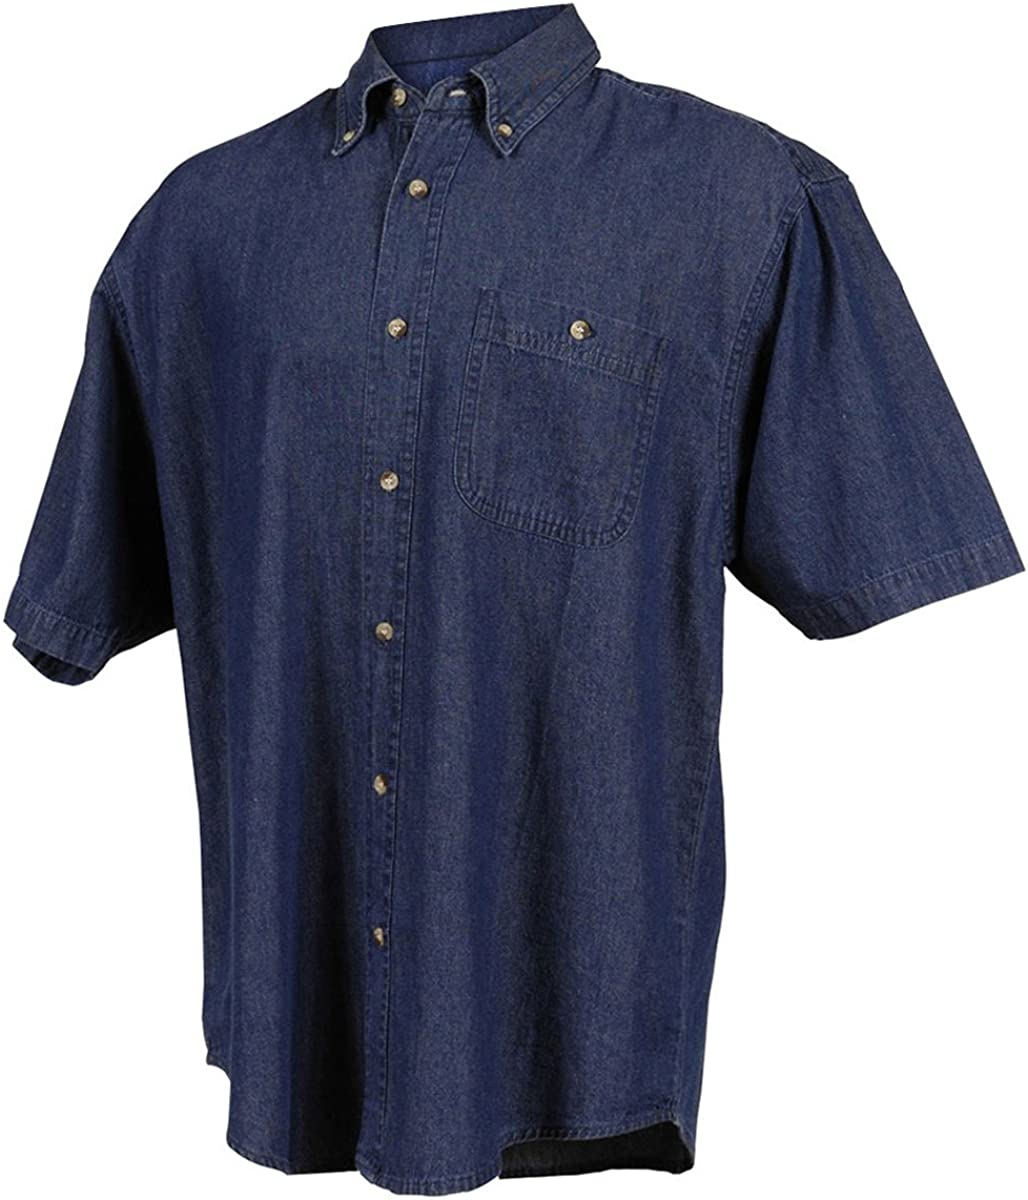 Tri-Mountain Men's 100% Cotton Scout Stonewashed Denim Shirt (3 Colors, XS-6XLT)